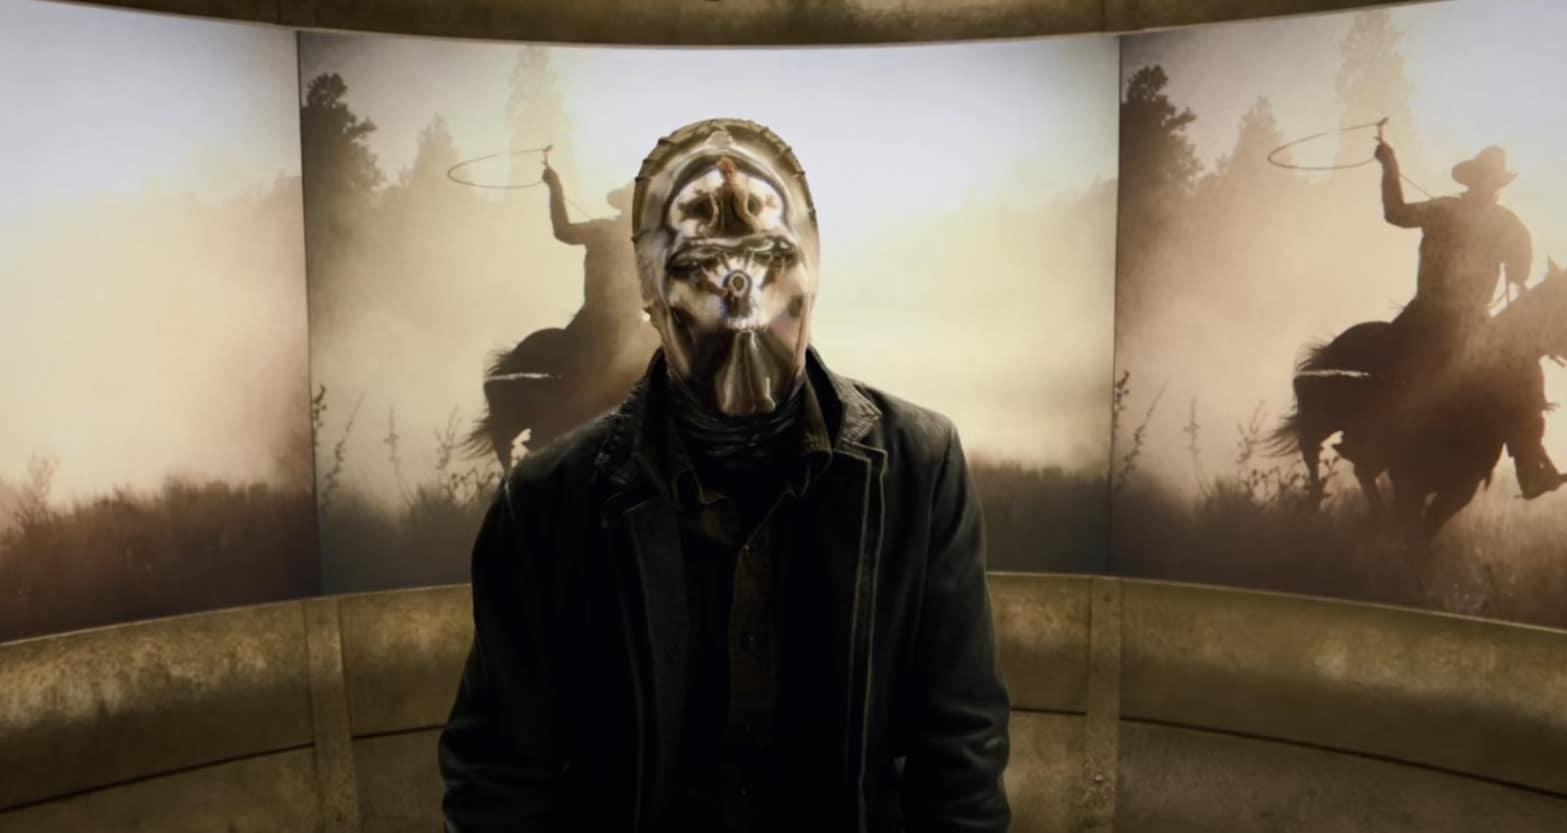 نقد و بررسی قسمت اول و دوم فصل اول سریال Watchmen ؛ شروع تاریکی